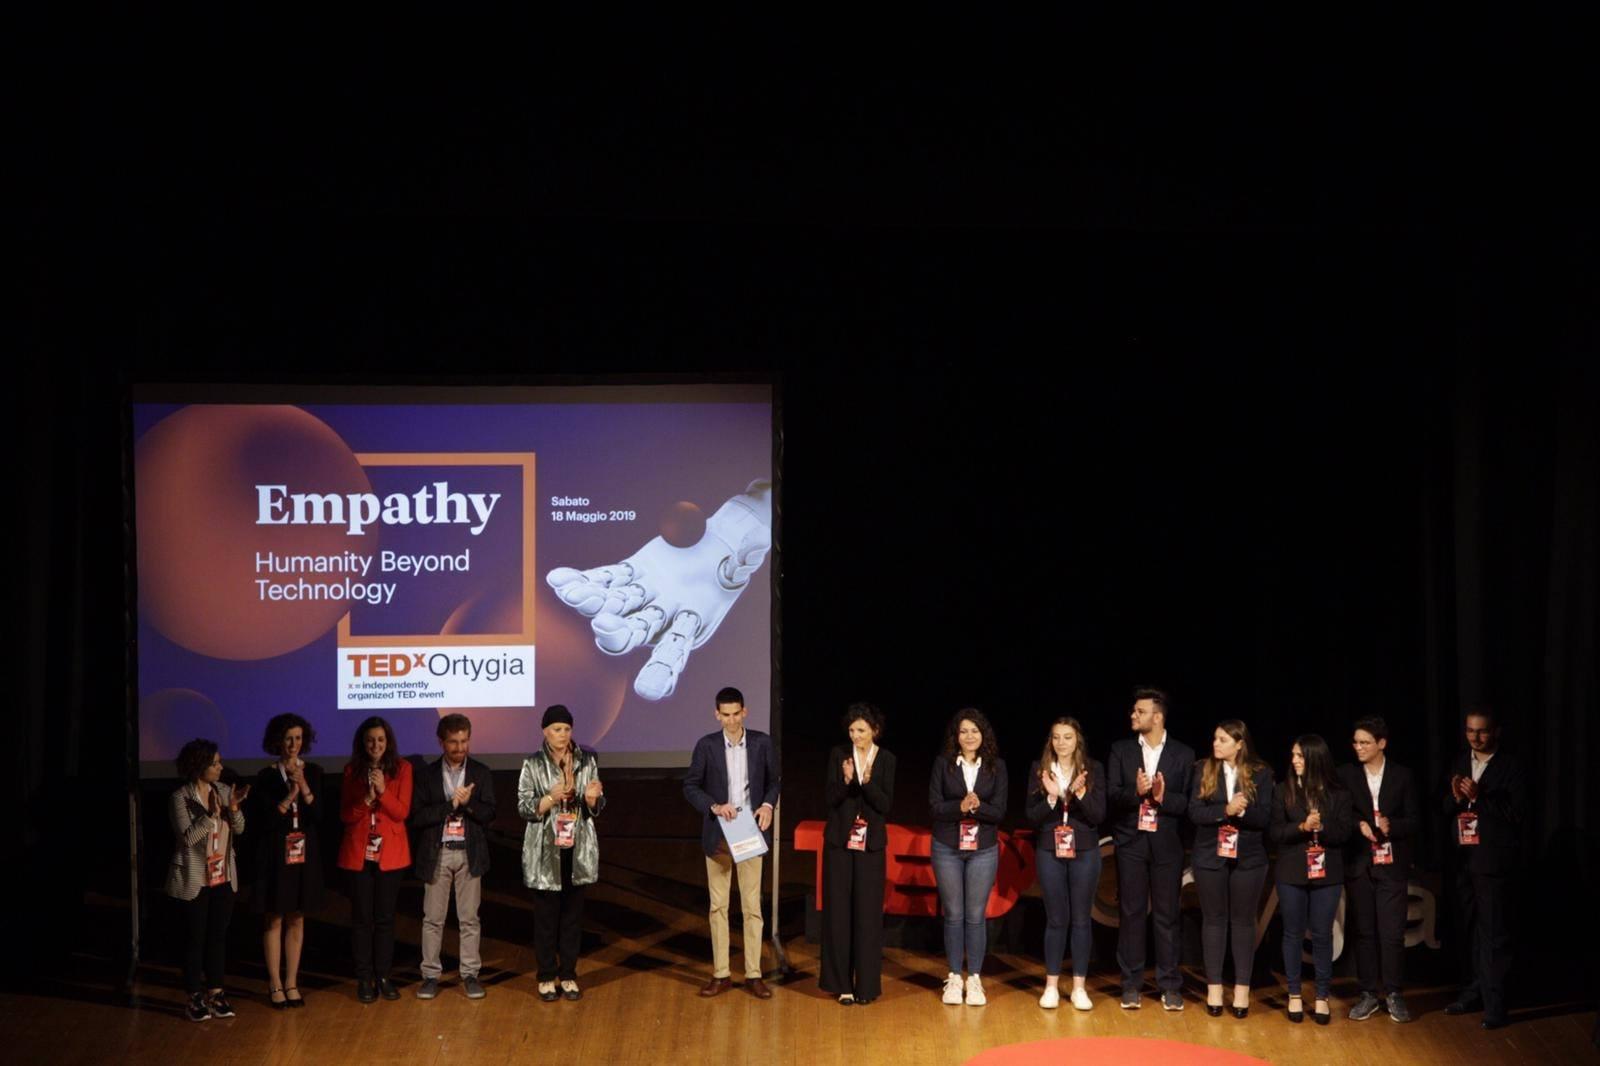 TEDx Ortygia - 2° edizione: Empatia e società 4.0